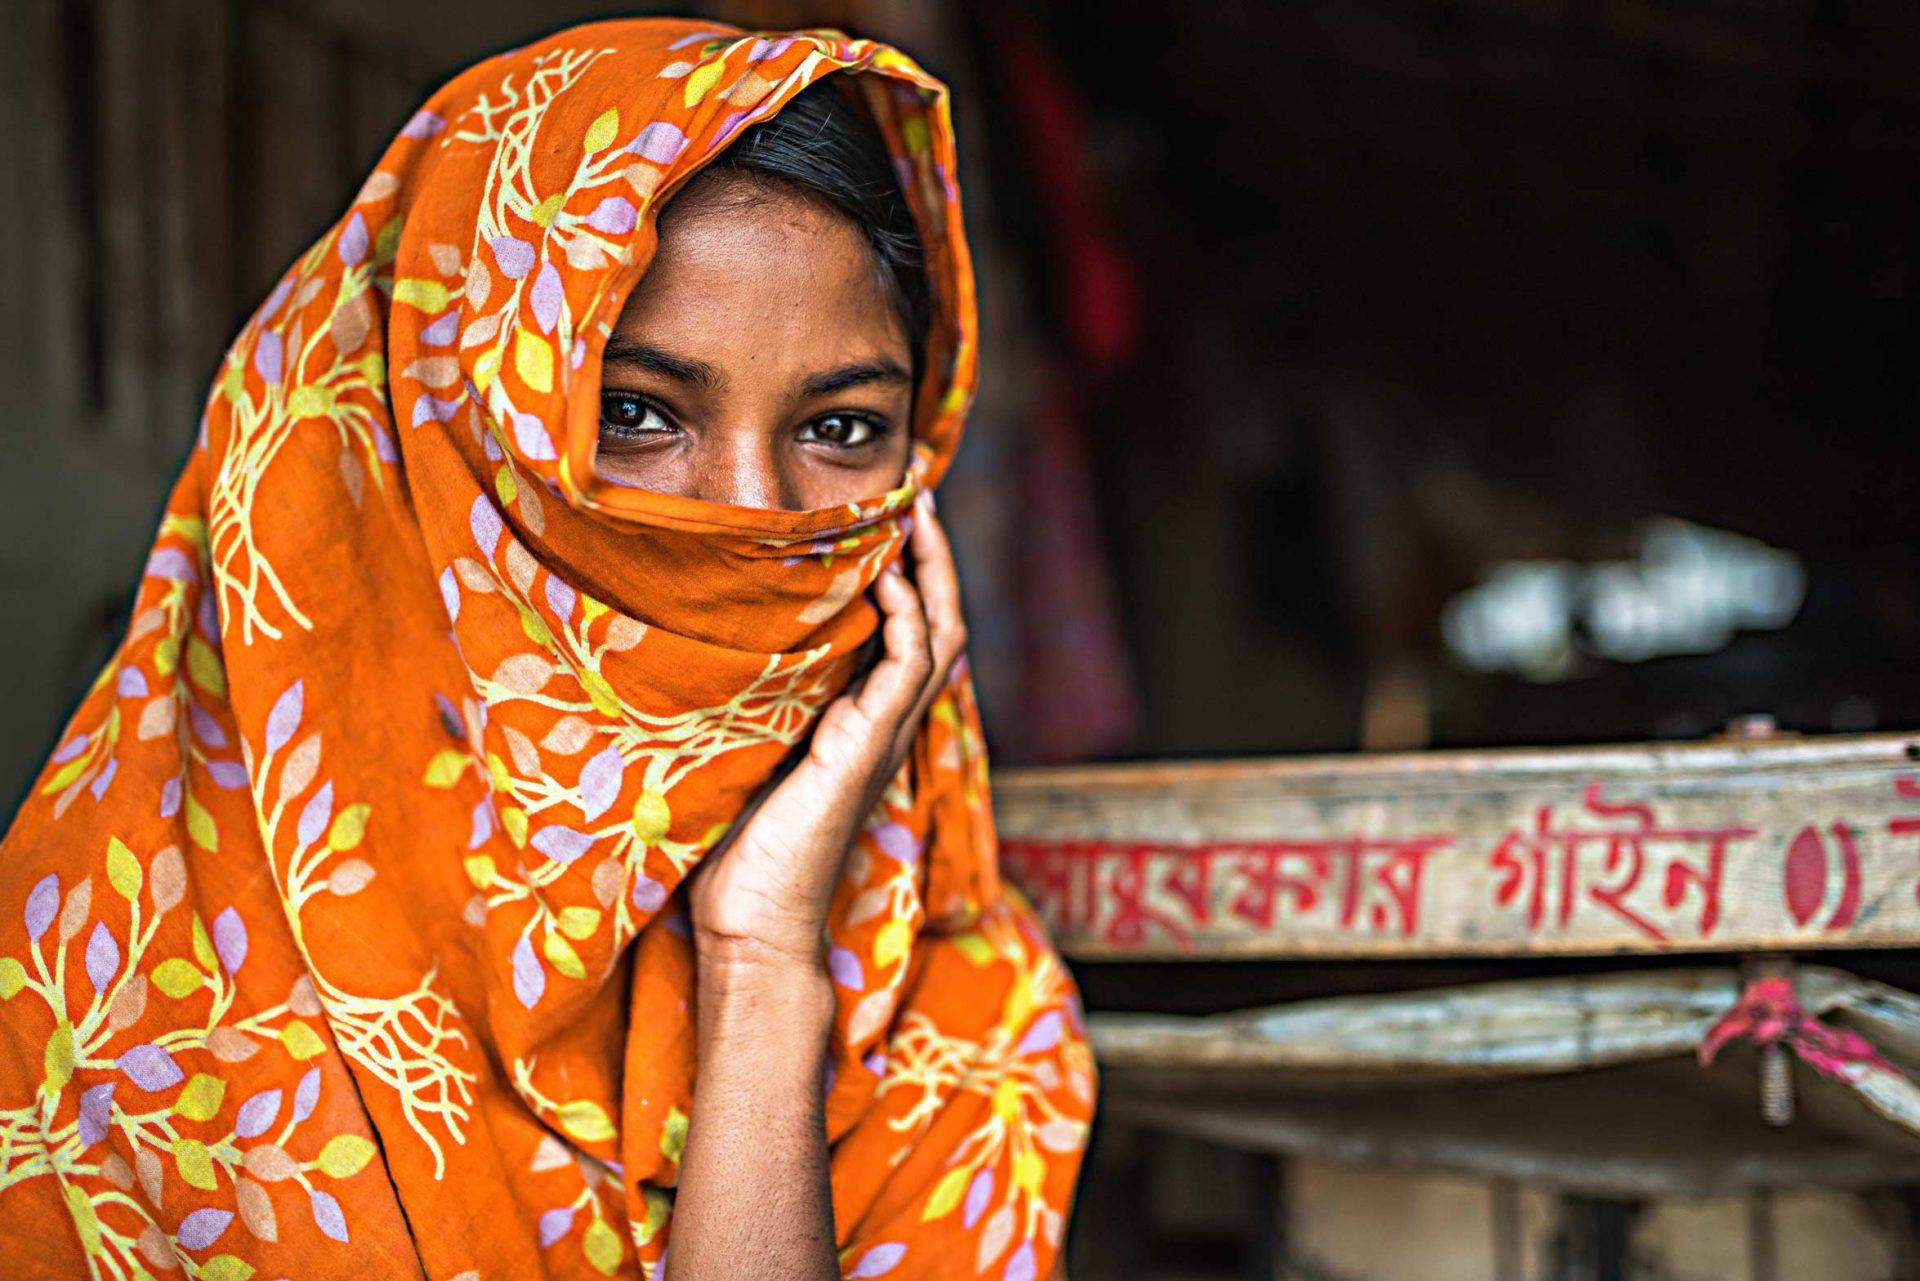 Durante la nostra esperienza di viaggio in Bangladesh abbiamo incontrato e fotografato bellissime ragazza dagli occhi profondi